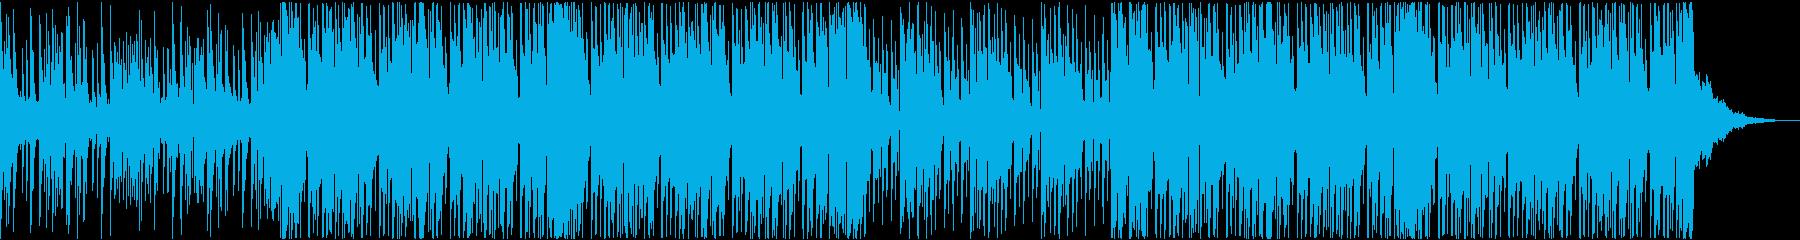 ニュース番組風 ハウスミュージックの再生済みの波形